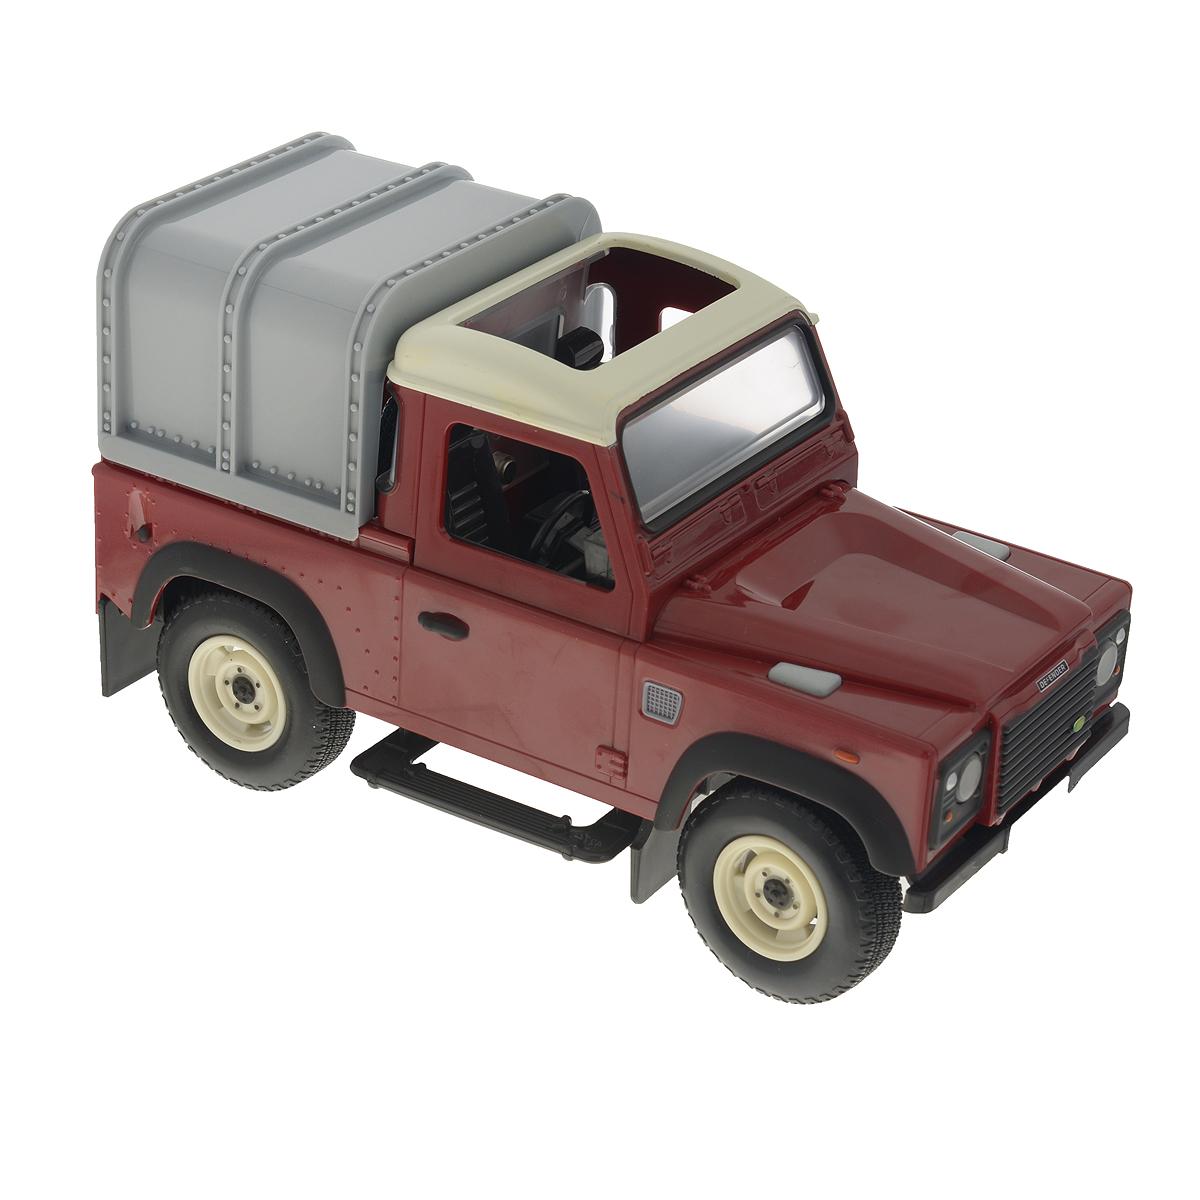 Tomy Модель автомобиля Land Rover Defender42707A2_бордовыйАвтомобиль TOMY Land Rover Defender, изготовленная из прочного пластика, это уменьшенная модель настоящего внедорожника, выполненная в высоком качестве и с большим вниманием к деталям. Такая машина идеально подходит для сельскохозяйственных работ. Модель оснащена реалистичной съемной кабиной, сиденьем водителя внутри и вращающимся рулем. Сзади имеется крепление для прицепа. Игрушка оснащена реалистичными световыми и звуковыми эффектами, фары светятся. У внедорожника мощные прорезиненные колеса, что обеспечивает сохранность напольного покрытия. Благодаря высококачественному прочному пластику машина замечательно подойдет и для игр на улице. Совместим с другими моделями и игрушками серии Britains Big Farm. Рекомендуется докупить 3 батарейки типа ААА (товар комплектуется демонстрационными).